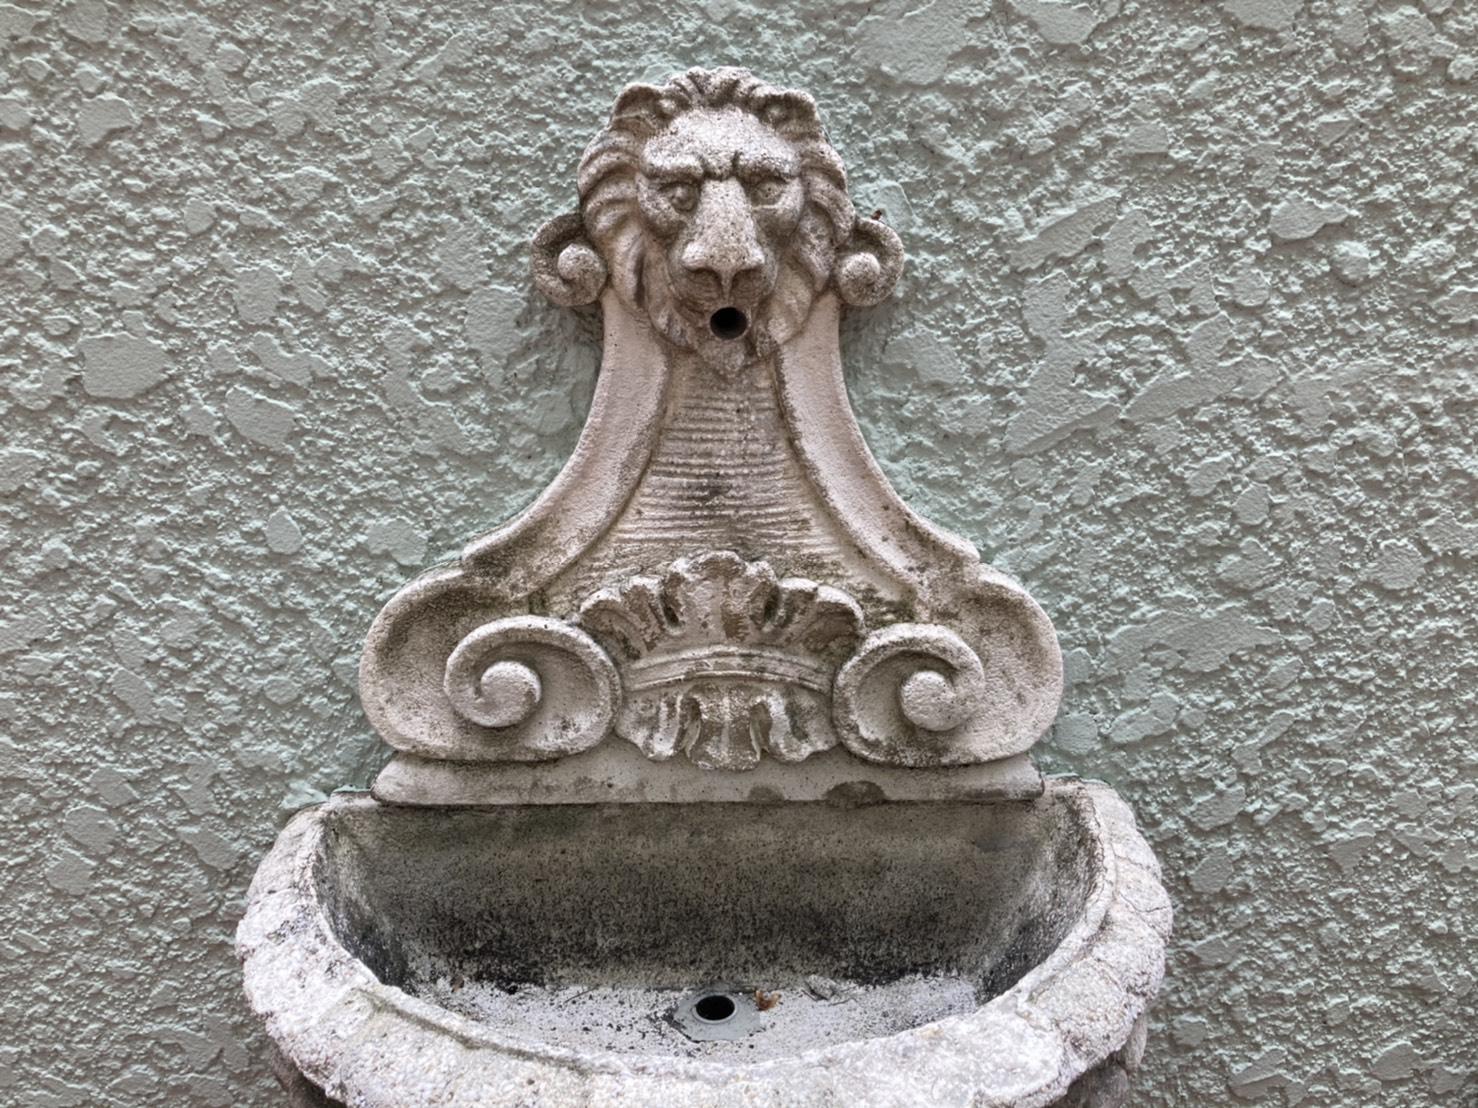 広場でみつけたライオンの噴水、こういうのなんだかいいですよね